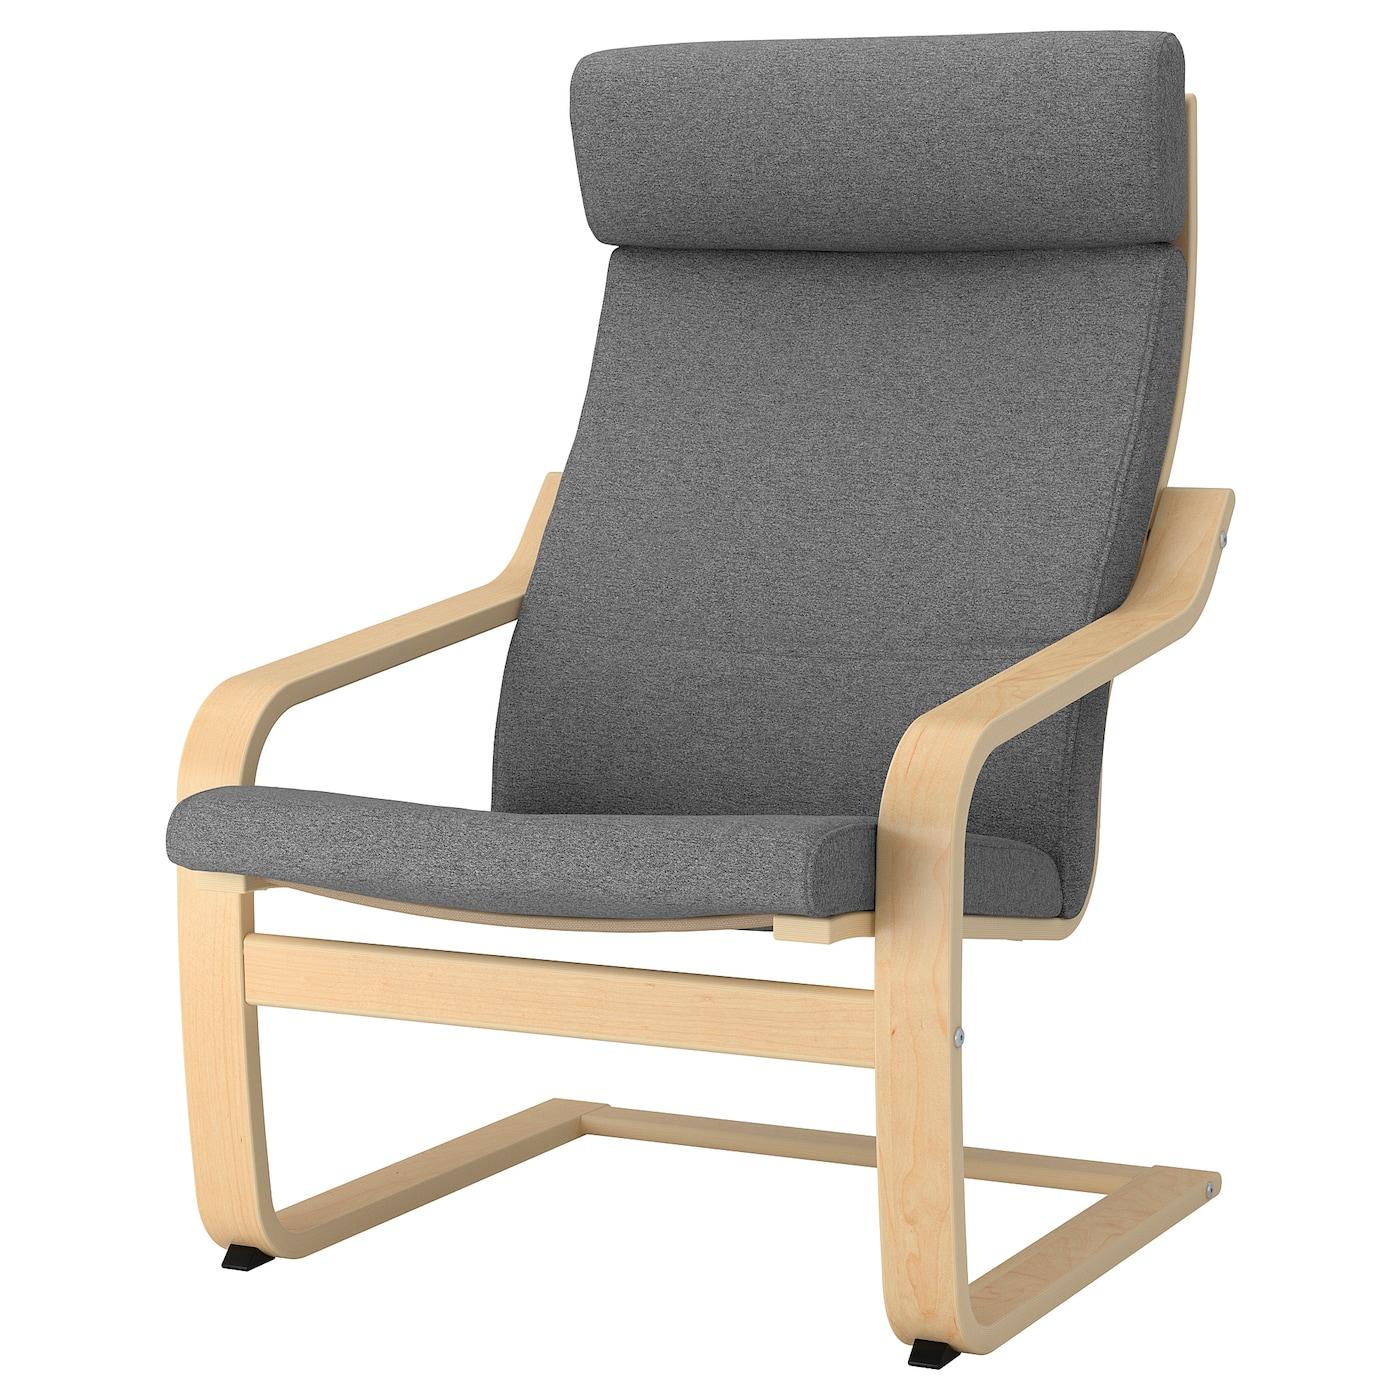 IKEA POÄNG szary fotel z ramą w okleinie brzozowej